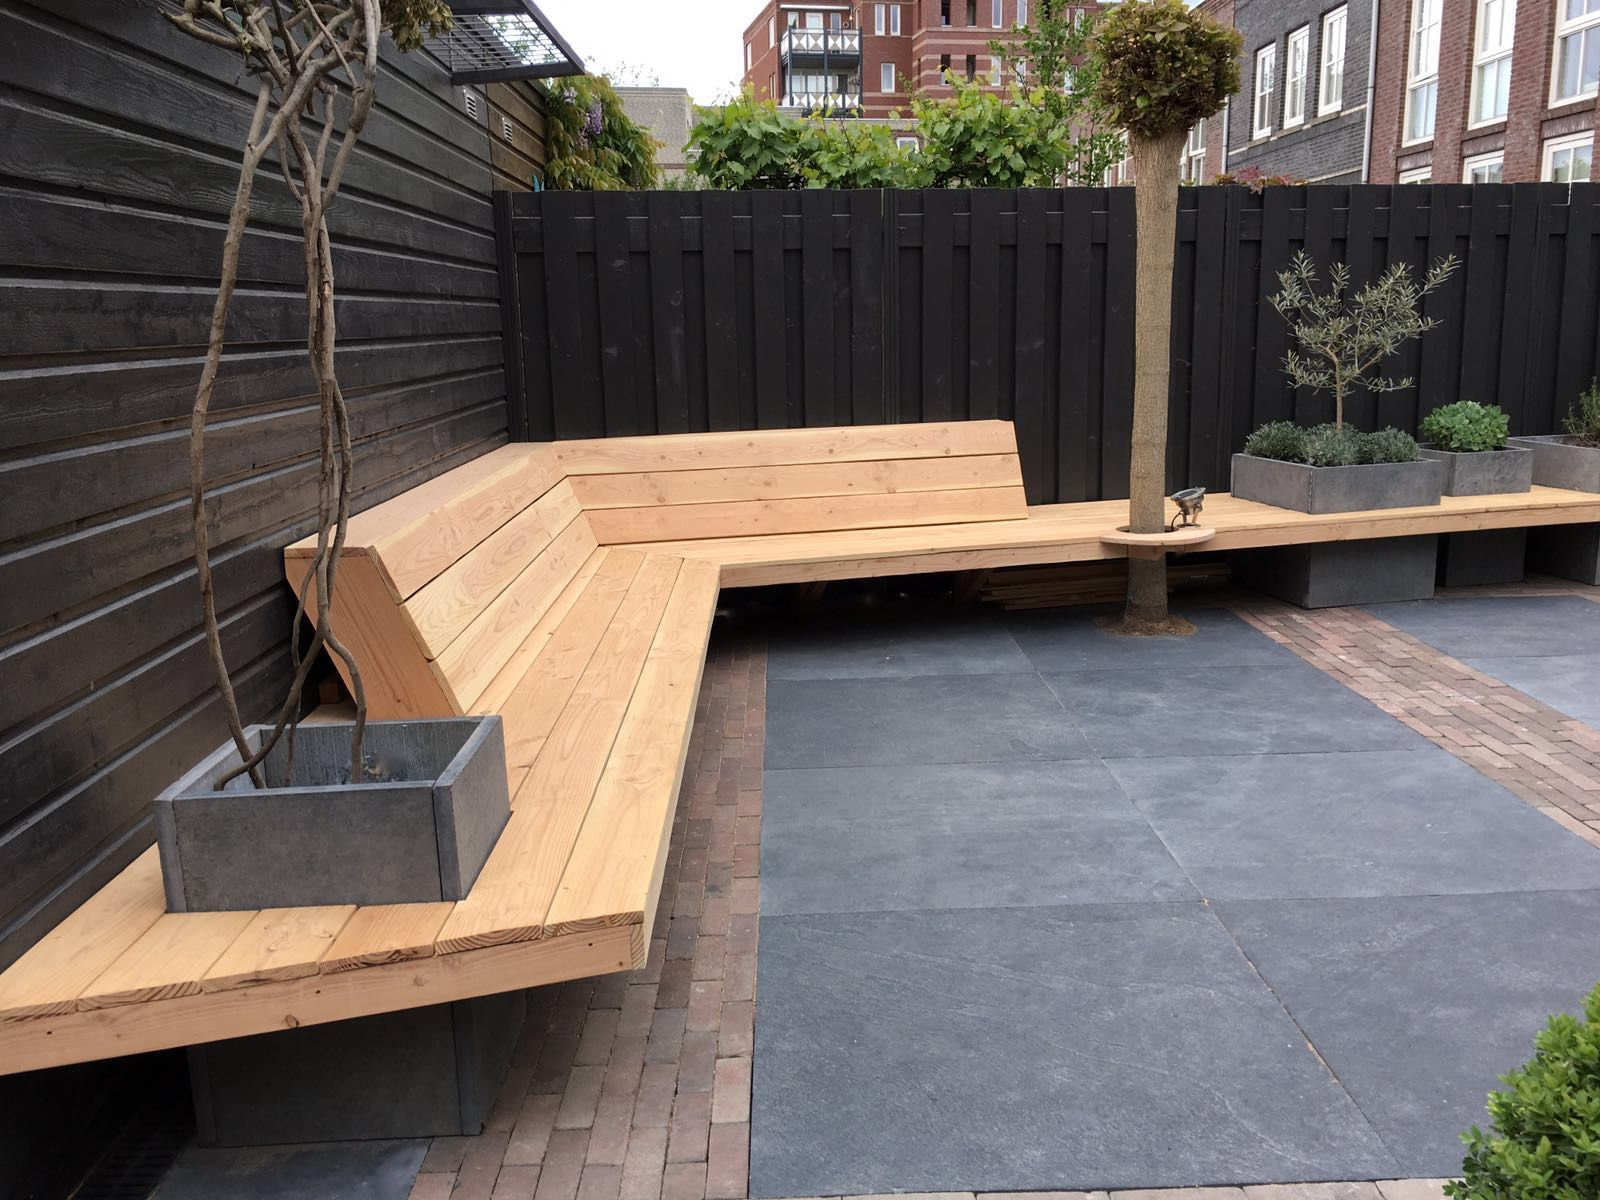 Realisatie tuin bestrating hergebruik oude stenen en tegels aangevuld met nieuwe xxl tegels - Ontwerp banken ...